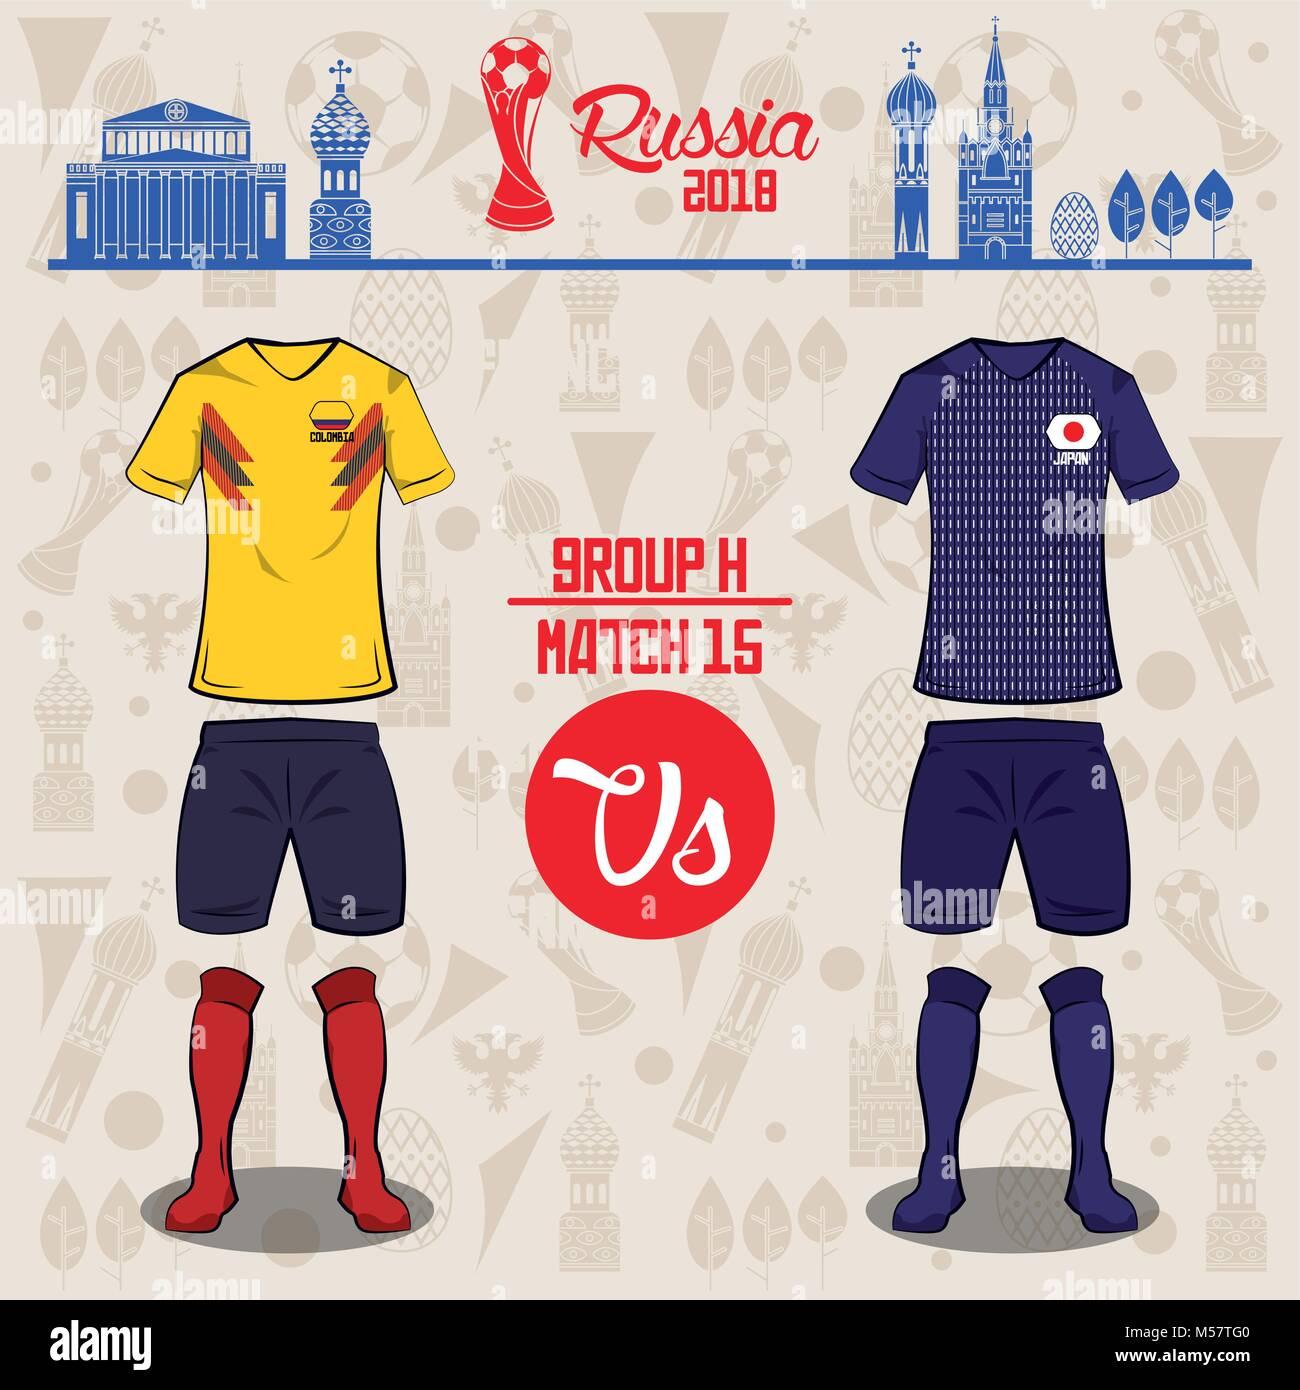 Football world russia 2018 match - Stock Image